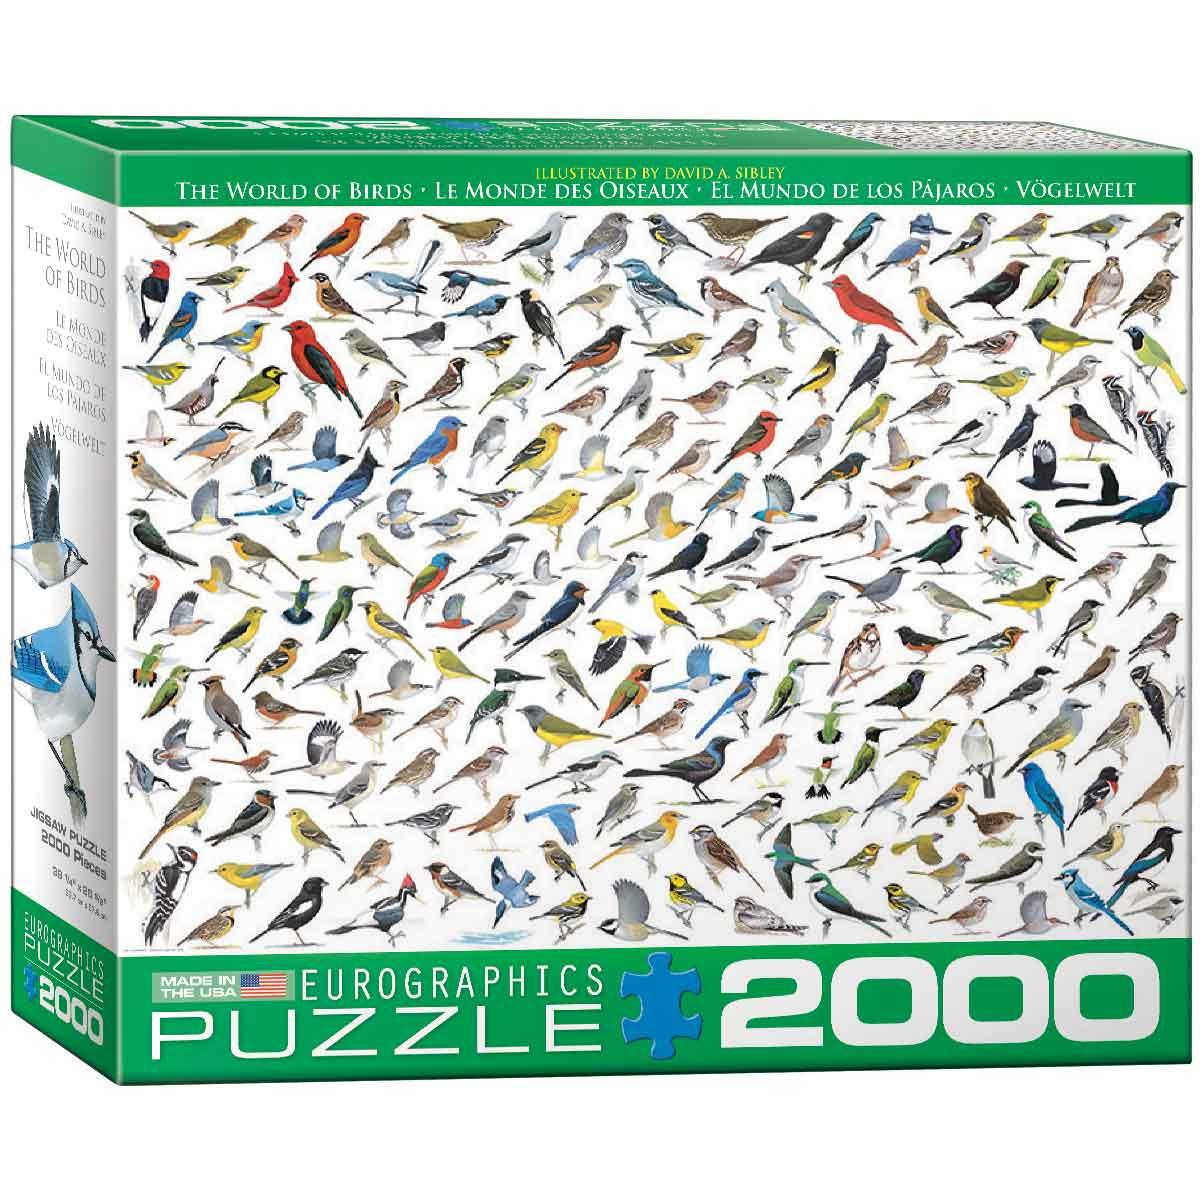 Puzzle Eurographics El Mundo de los Pájaros de 2000 Piezas